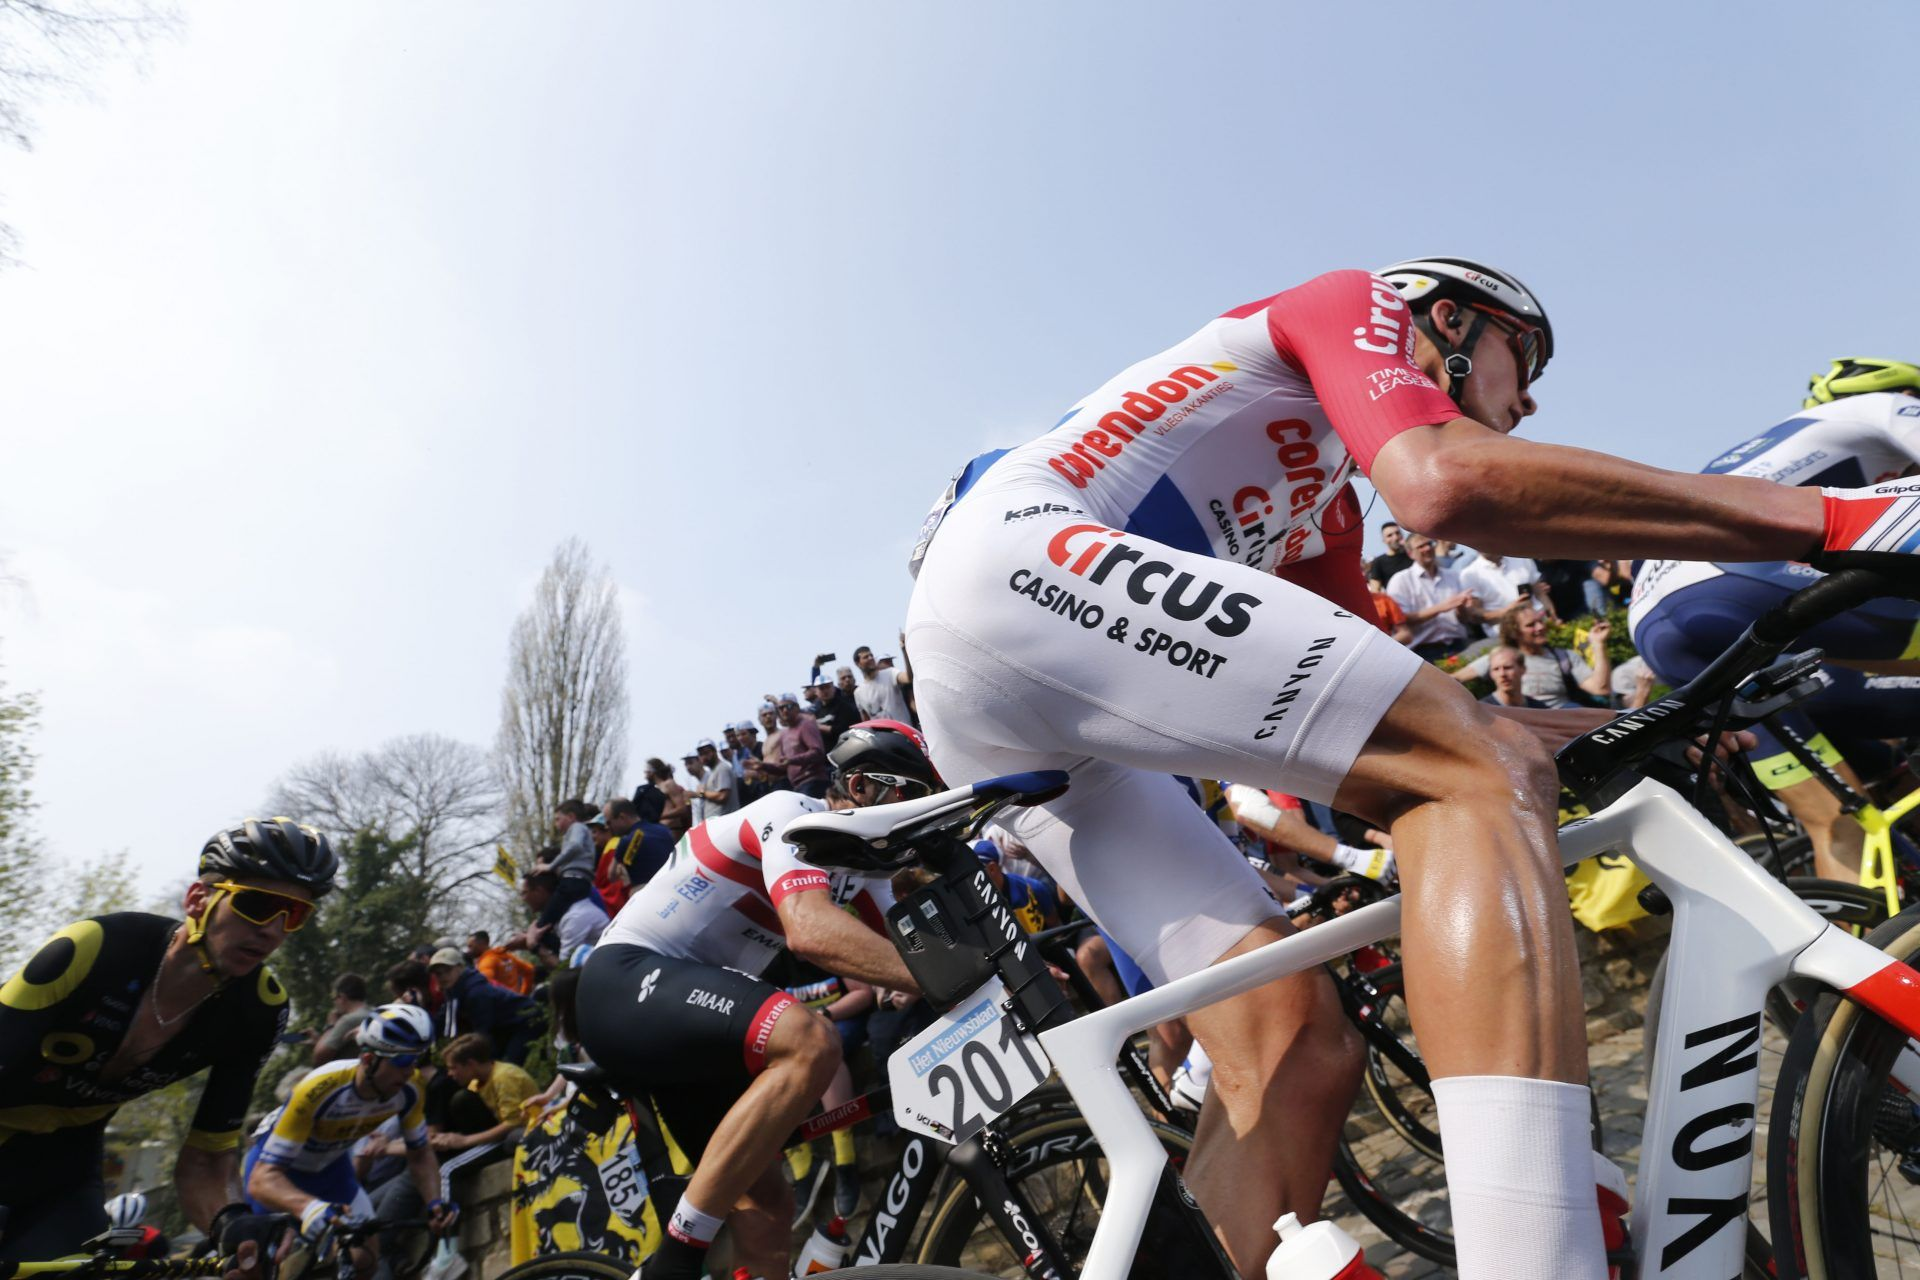 mathieu van der poel wore white shorts